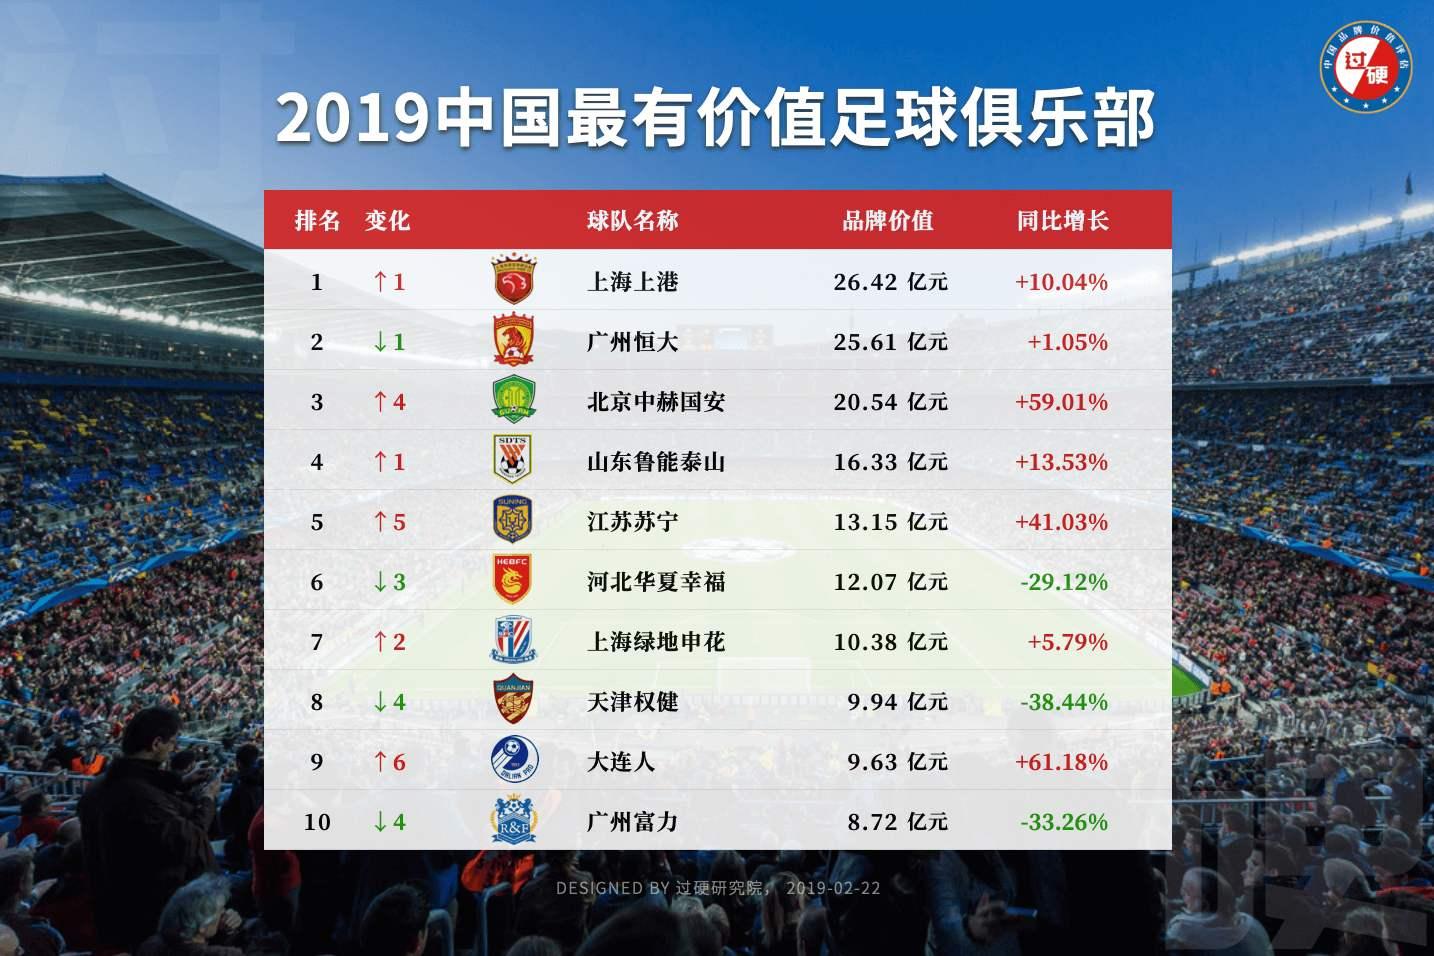 2019年度中国十大最有价值足球俱乐部排行榜重磅发布